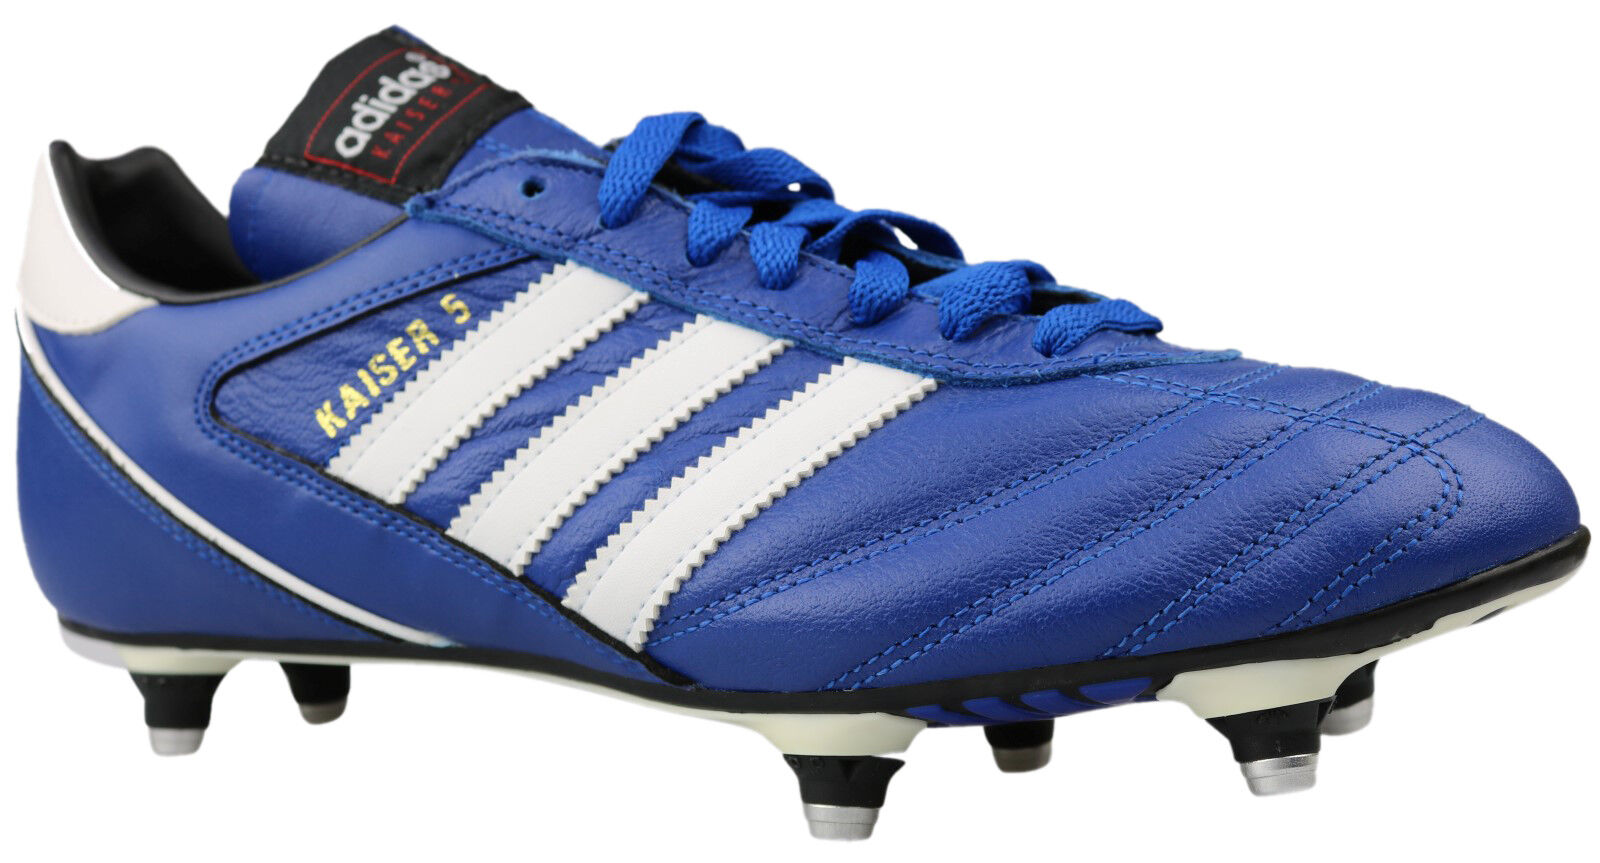 Adidas Kaiser 5 Cup Fußballschuhe Leder Stollen B34259 blau Gr. 42 NEU & OVP  | Zu einem niedrigeren Preis